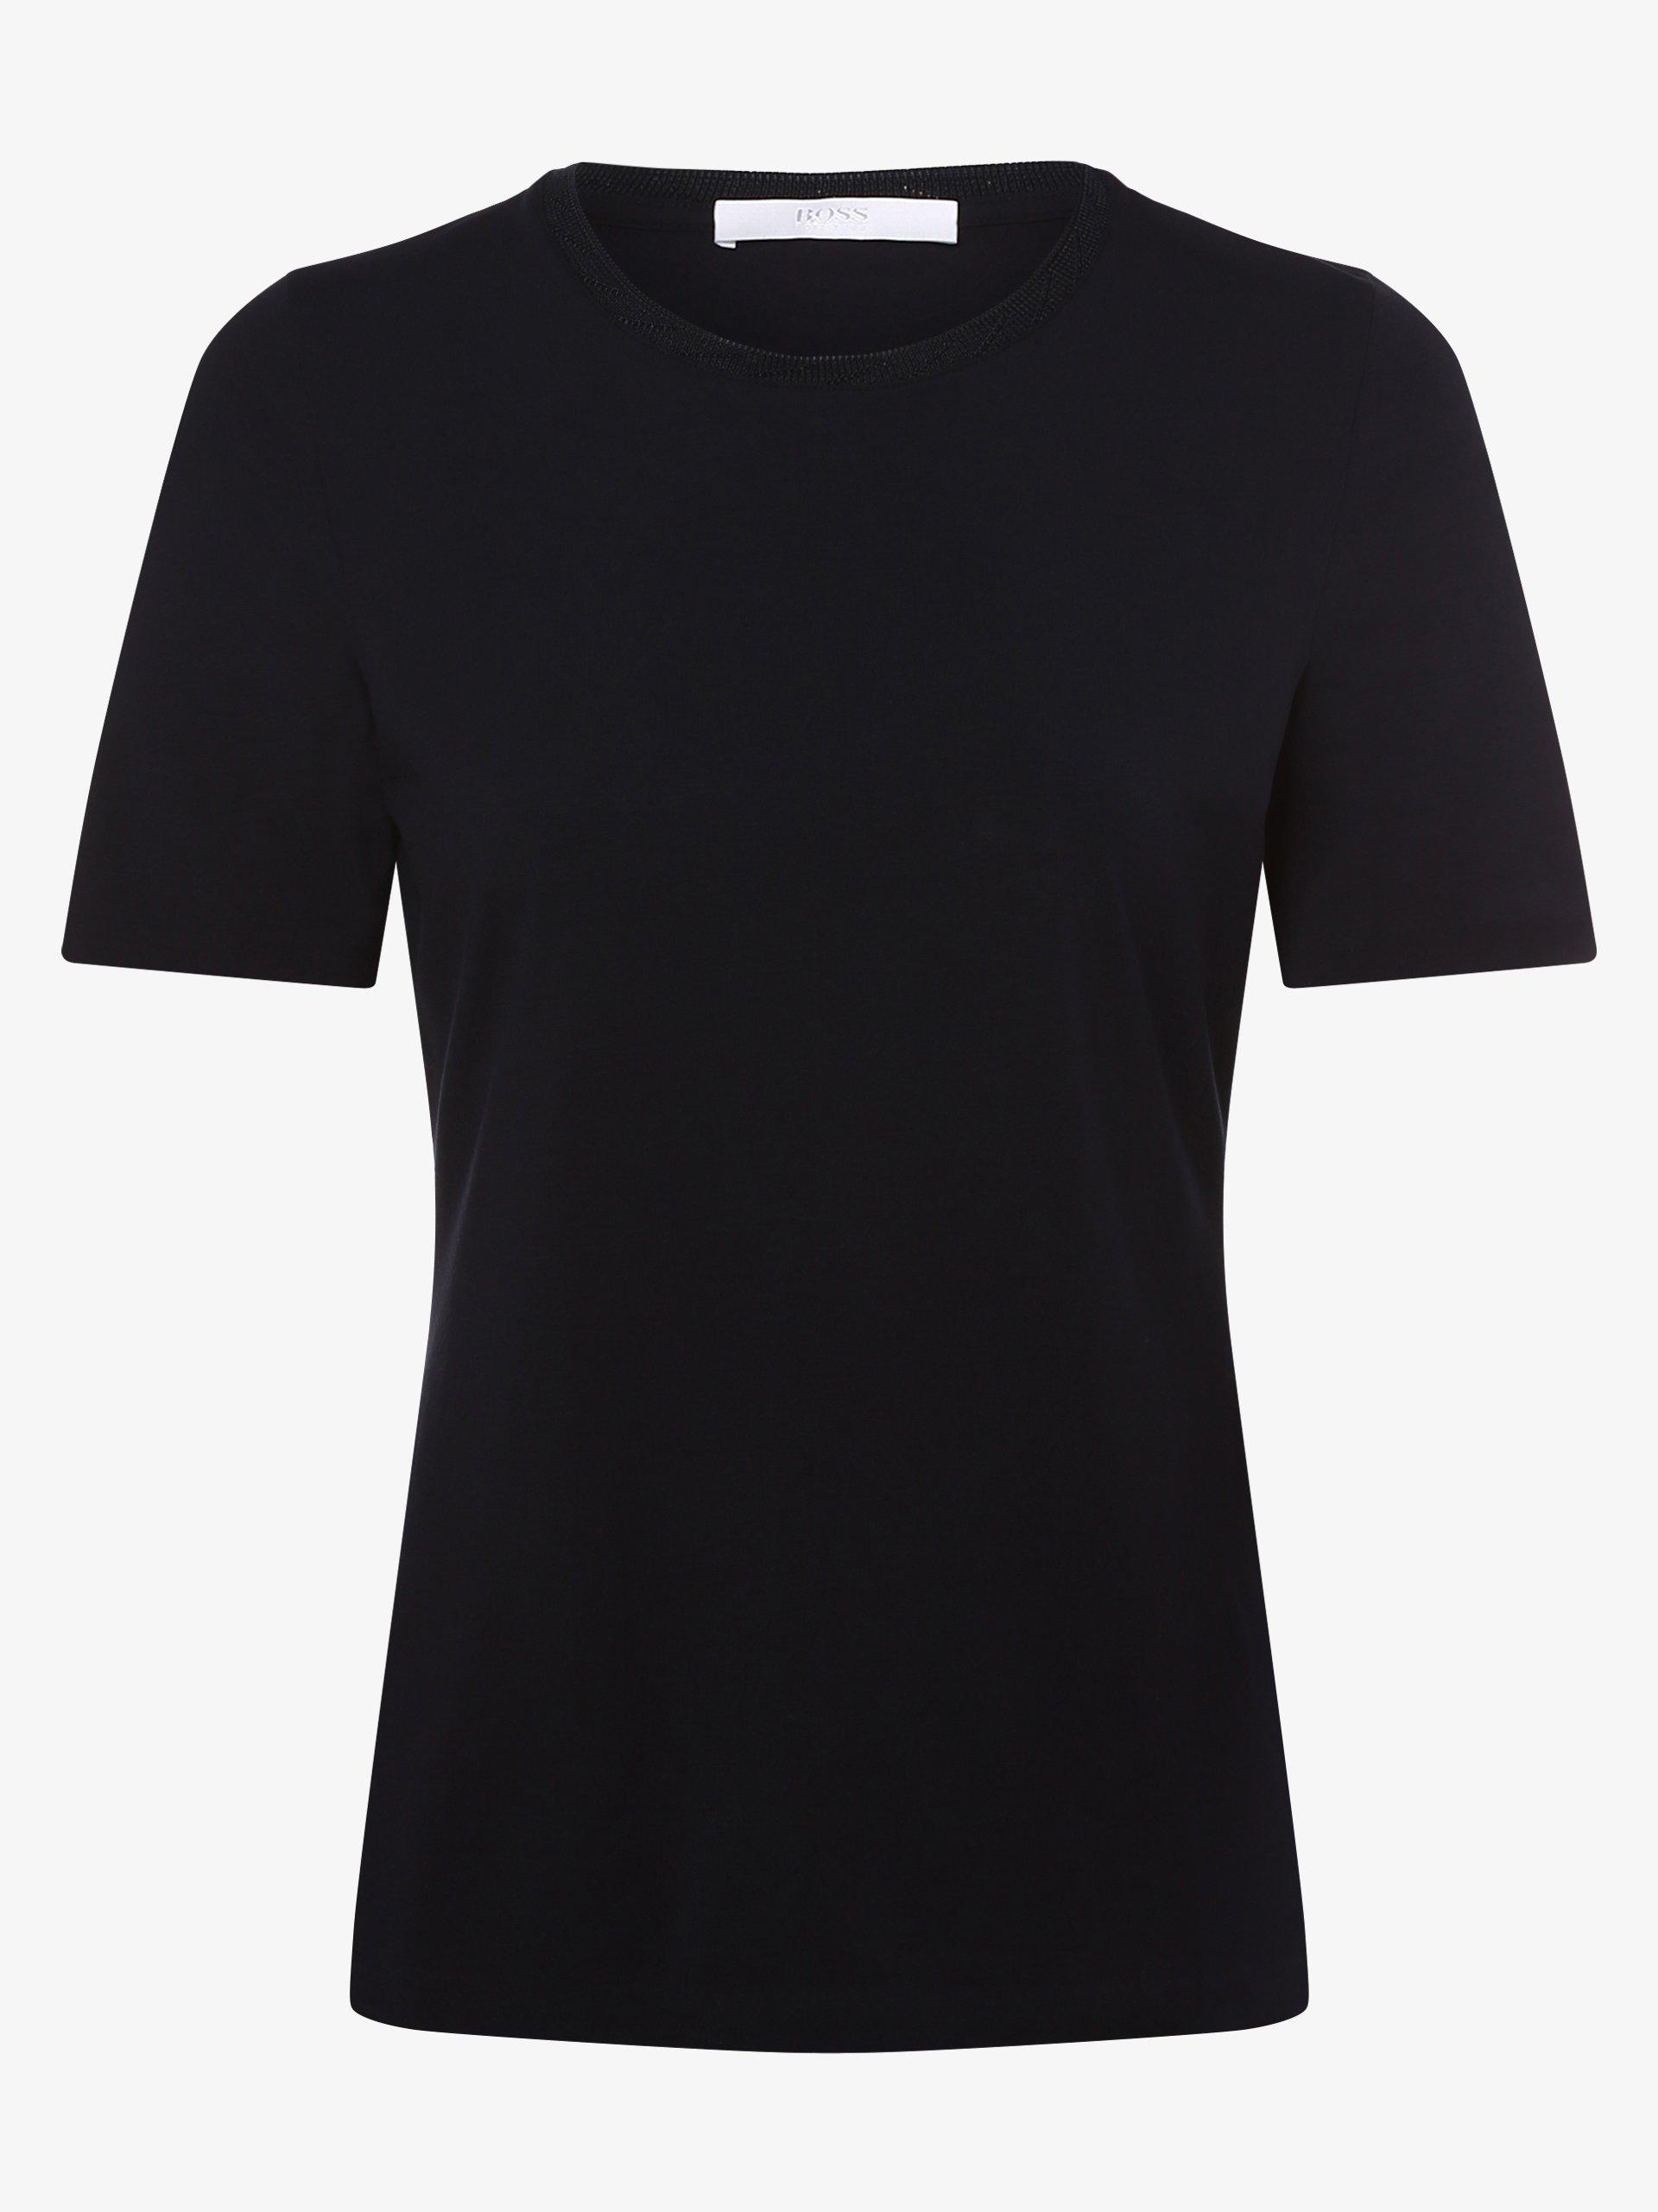 BOSS Damen T-Shirt - Emerly